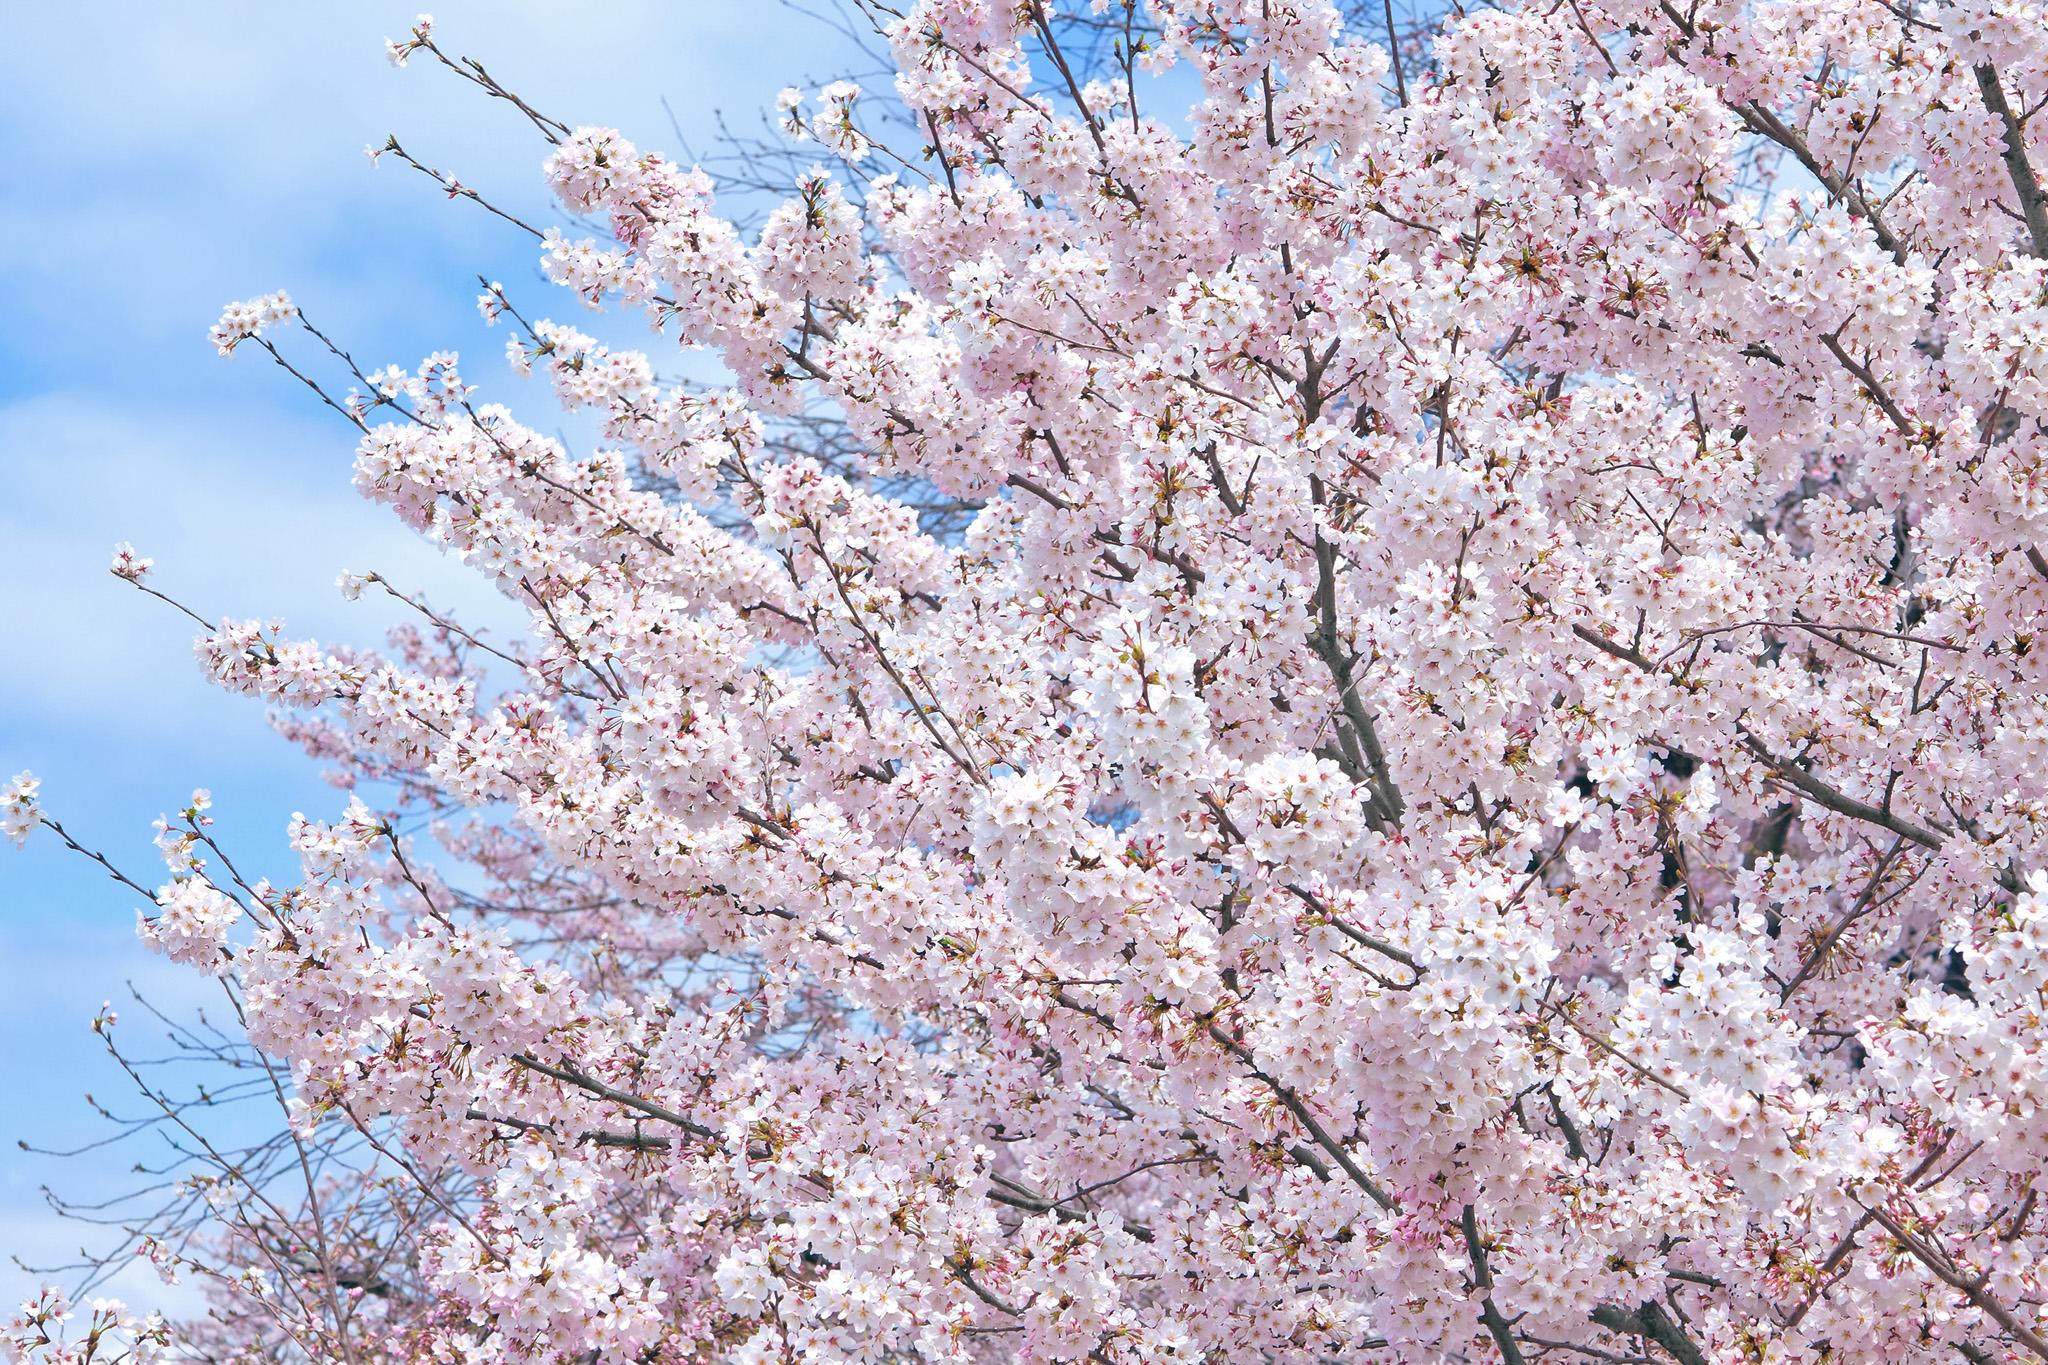 「八分咲きの桜の花」の画像を無料ダウンロード